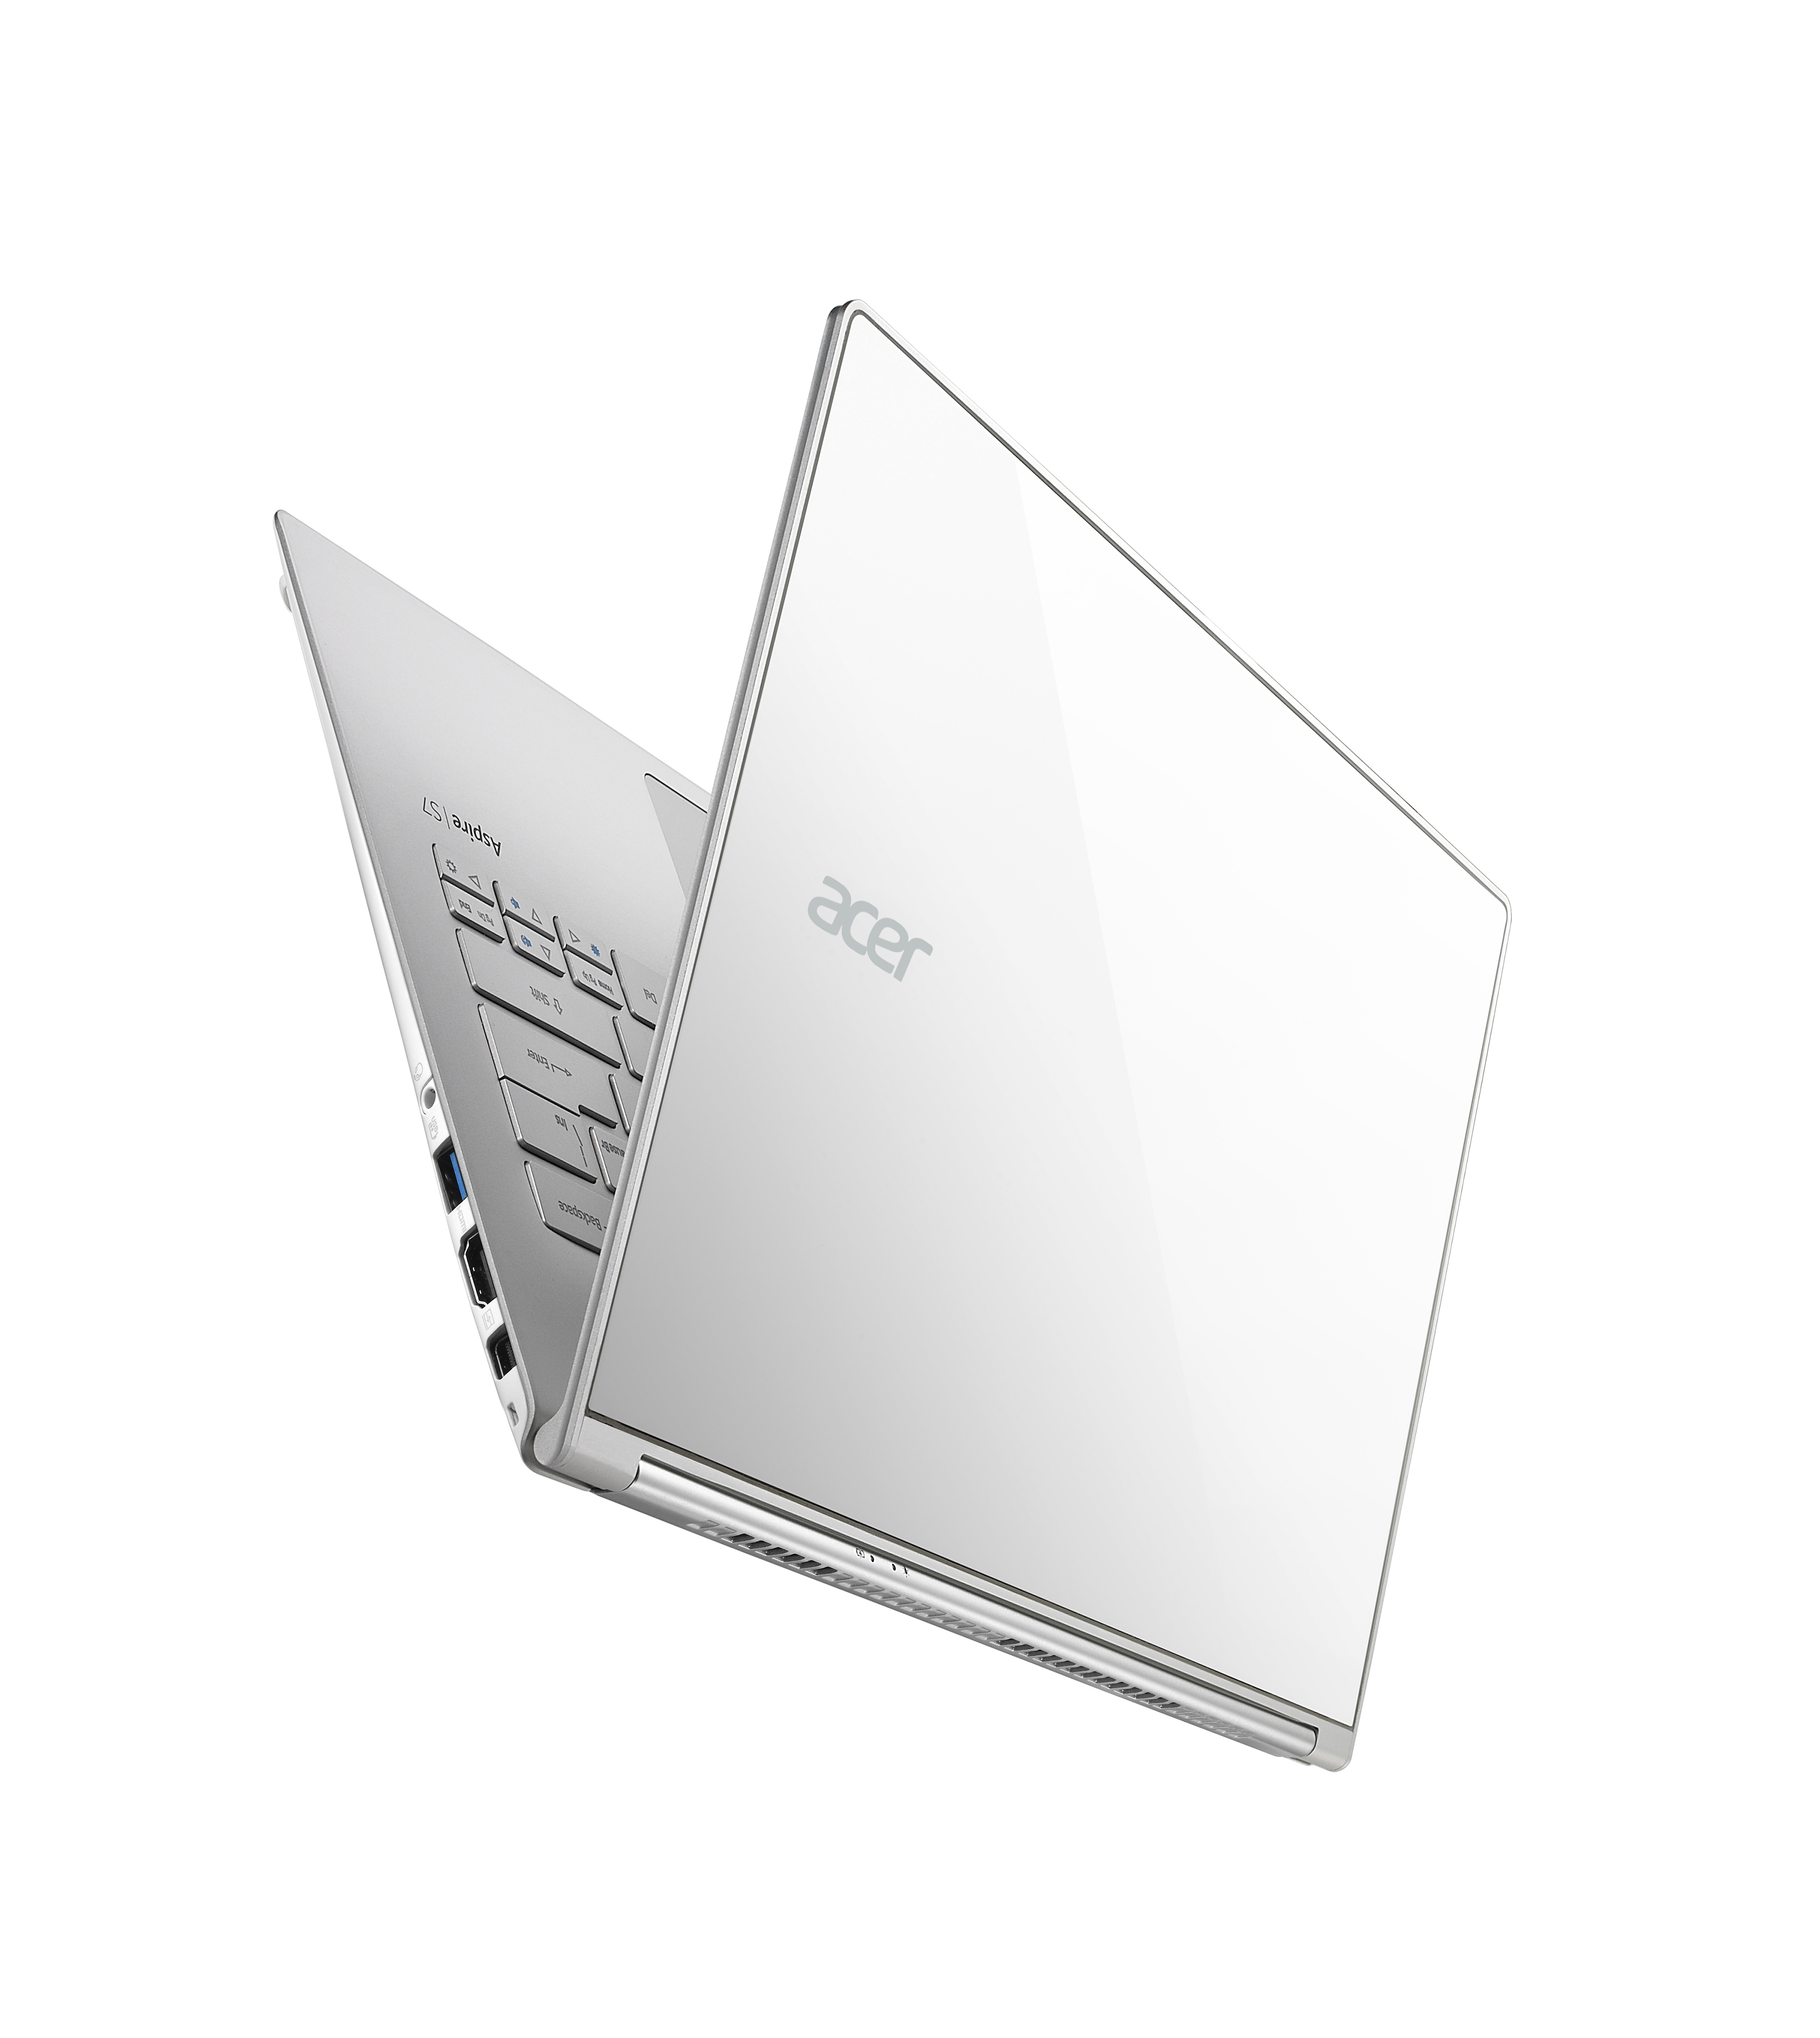 超薄筆記型電腦